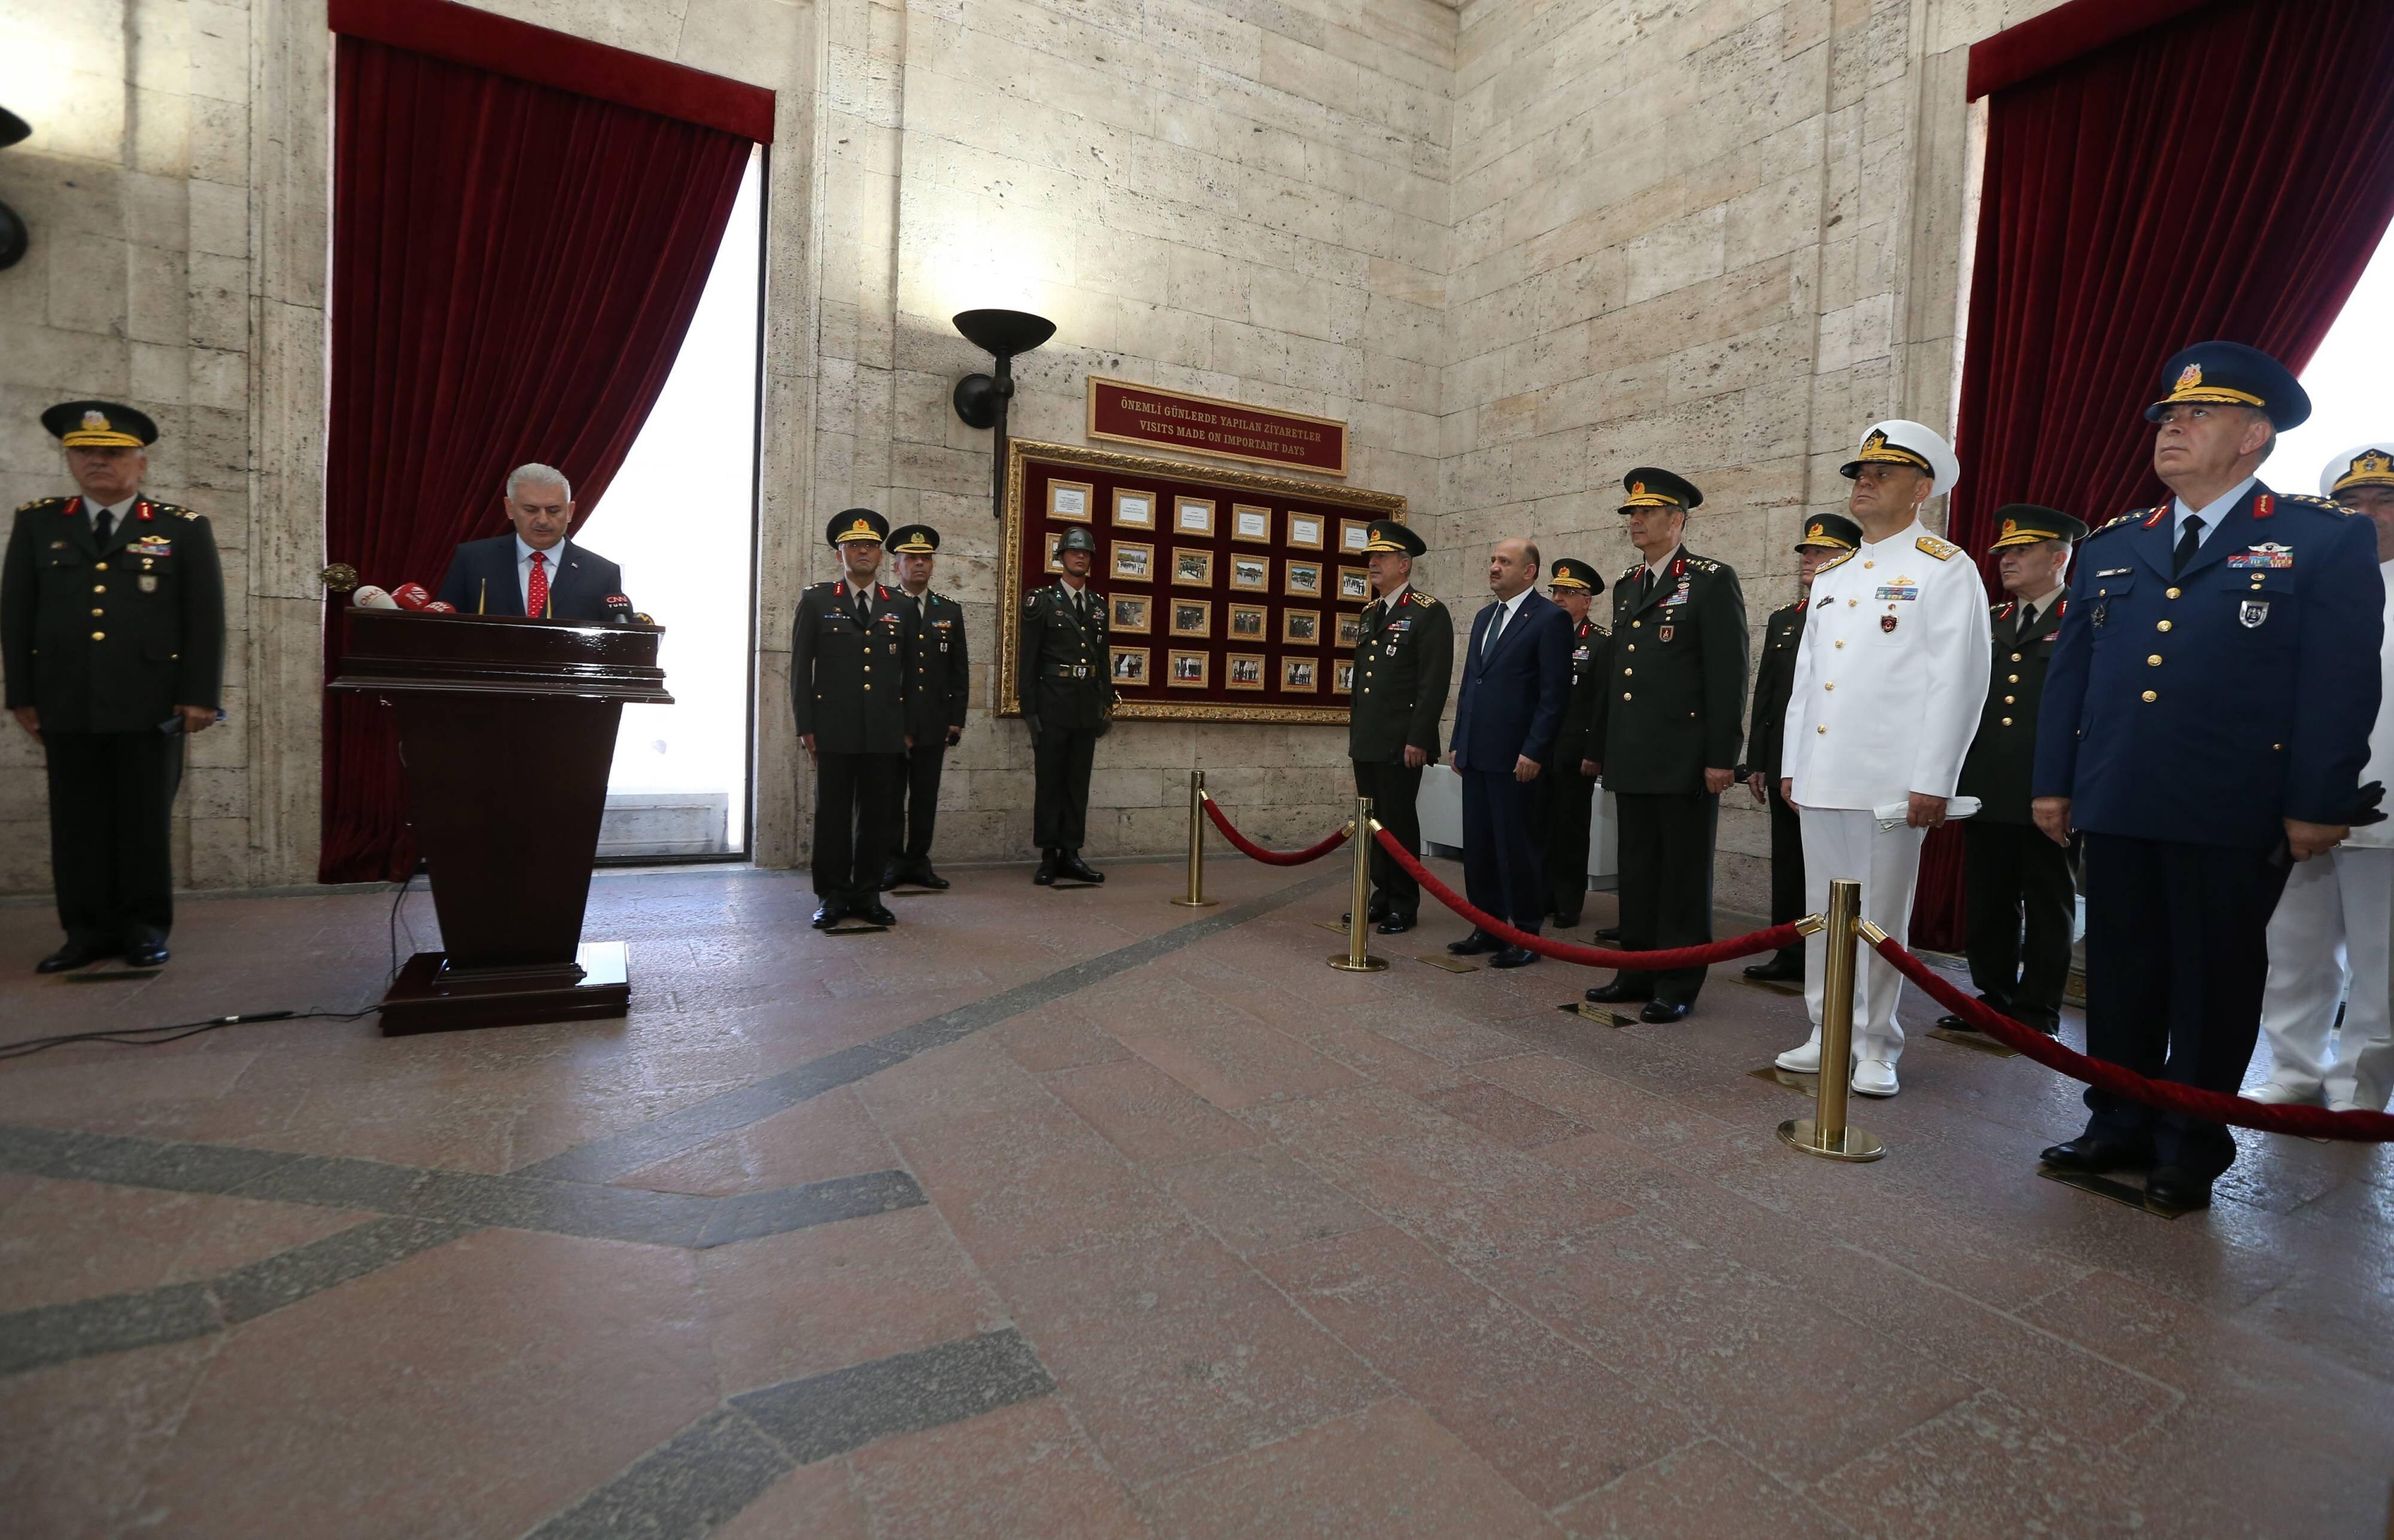 Tureccy generałowie na zebraniu Najwyższej Rady Wojennej